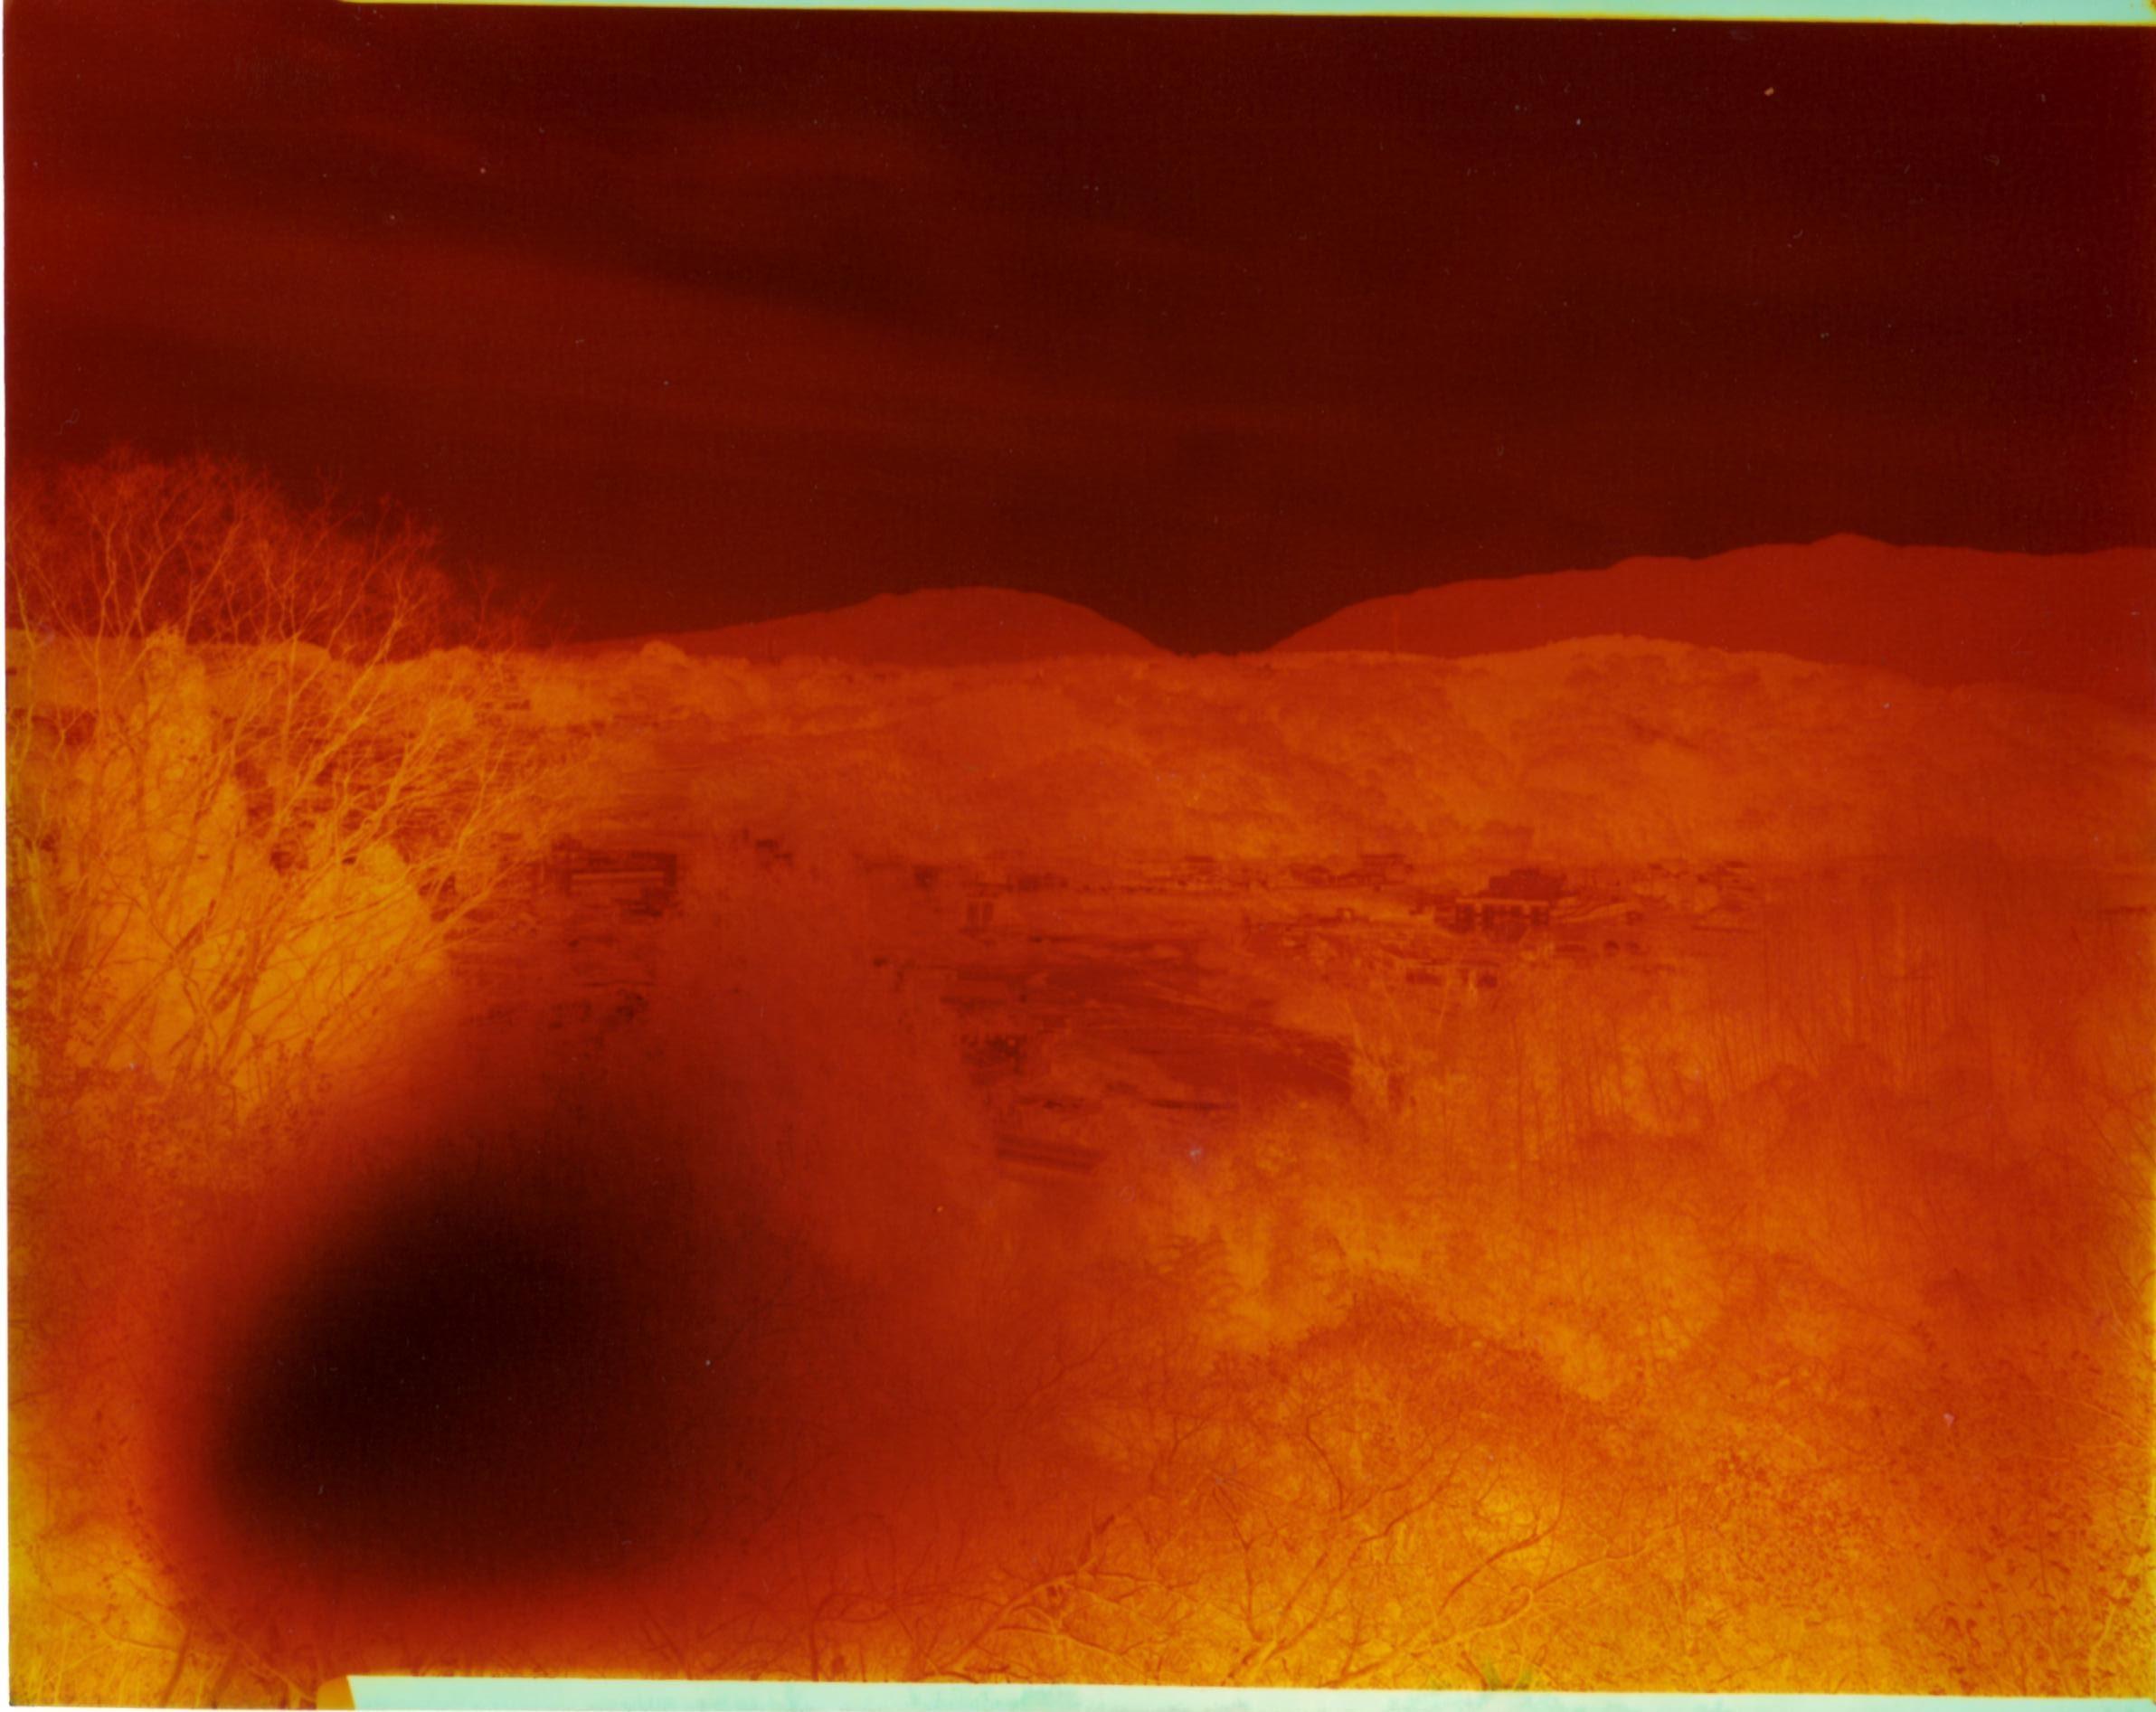 アウトドア大ガビネカラー印画紙露光の形而上学的報告  撫象_d0138130_11181333.jpg